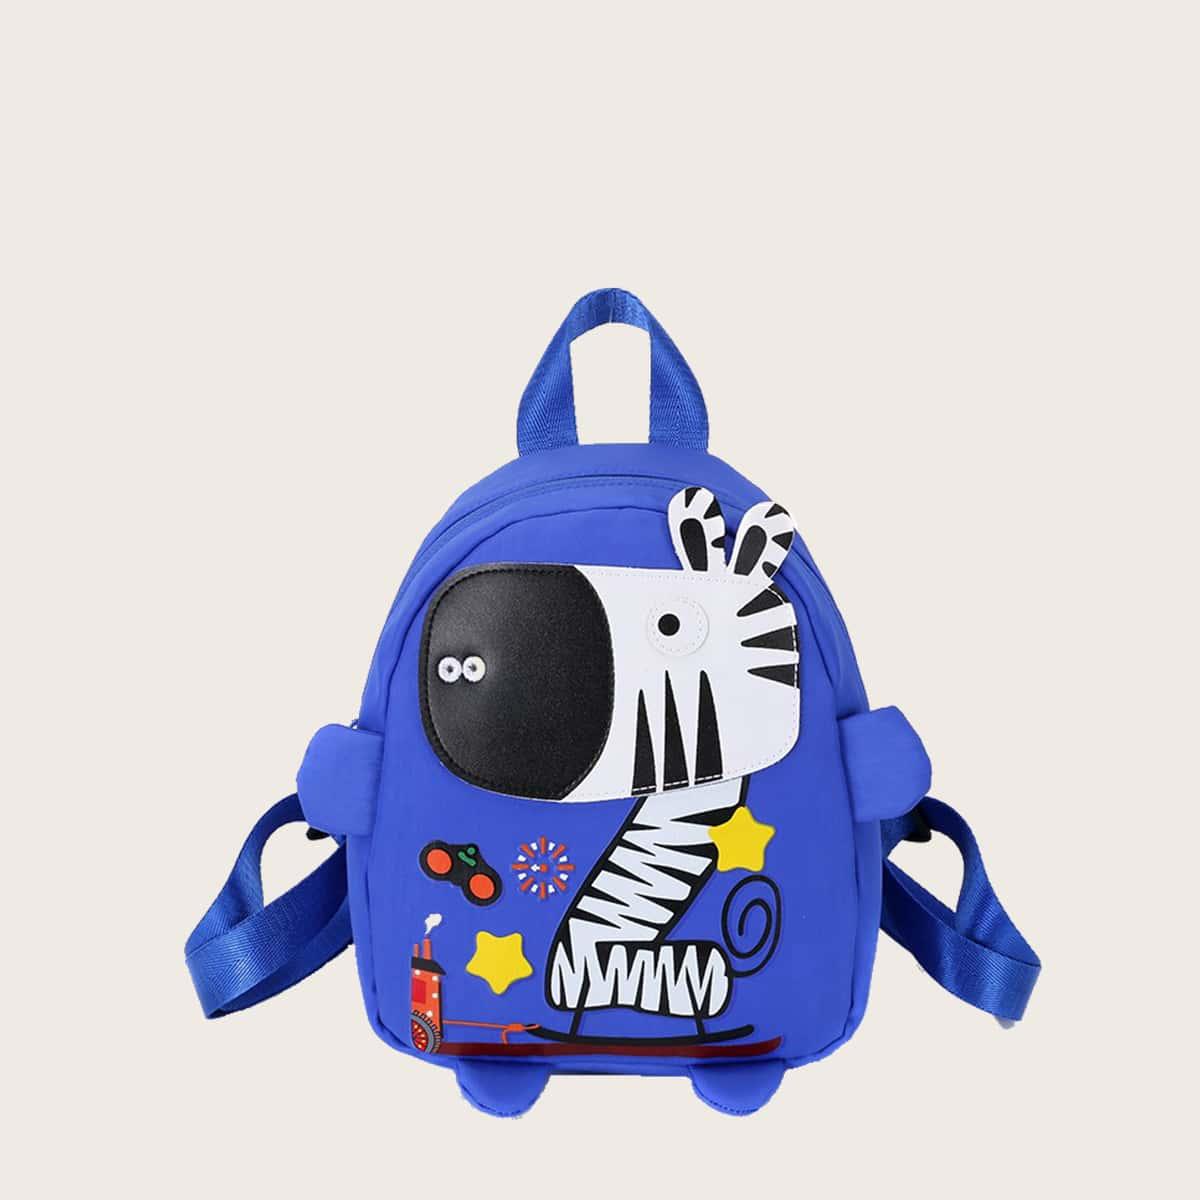 Рюкзак с узором зебры для мальчиков SheIn skbag18210413765